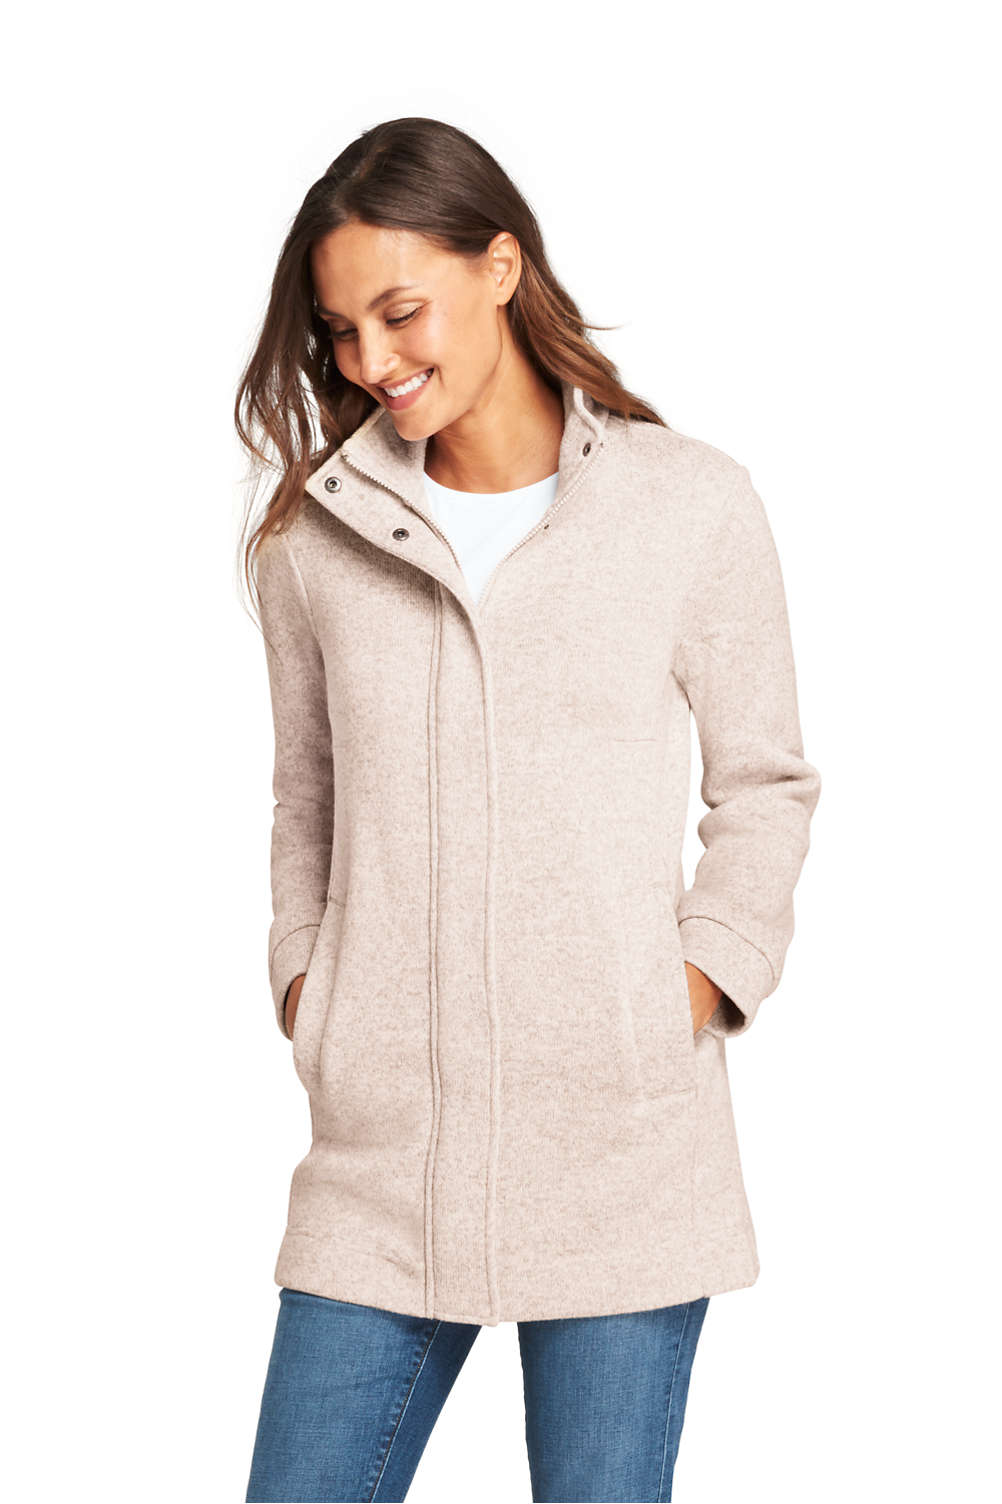 827b38765 Women s Sweater Fleece Coat from Lands  End